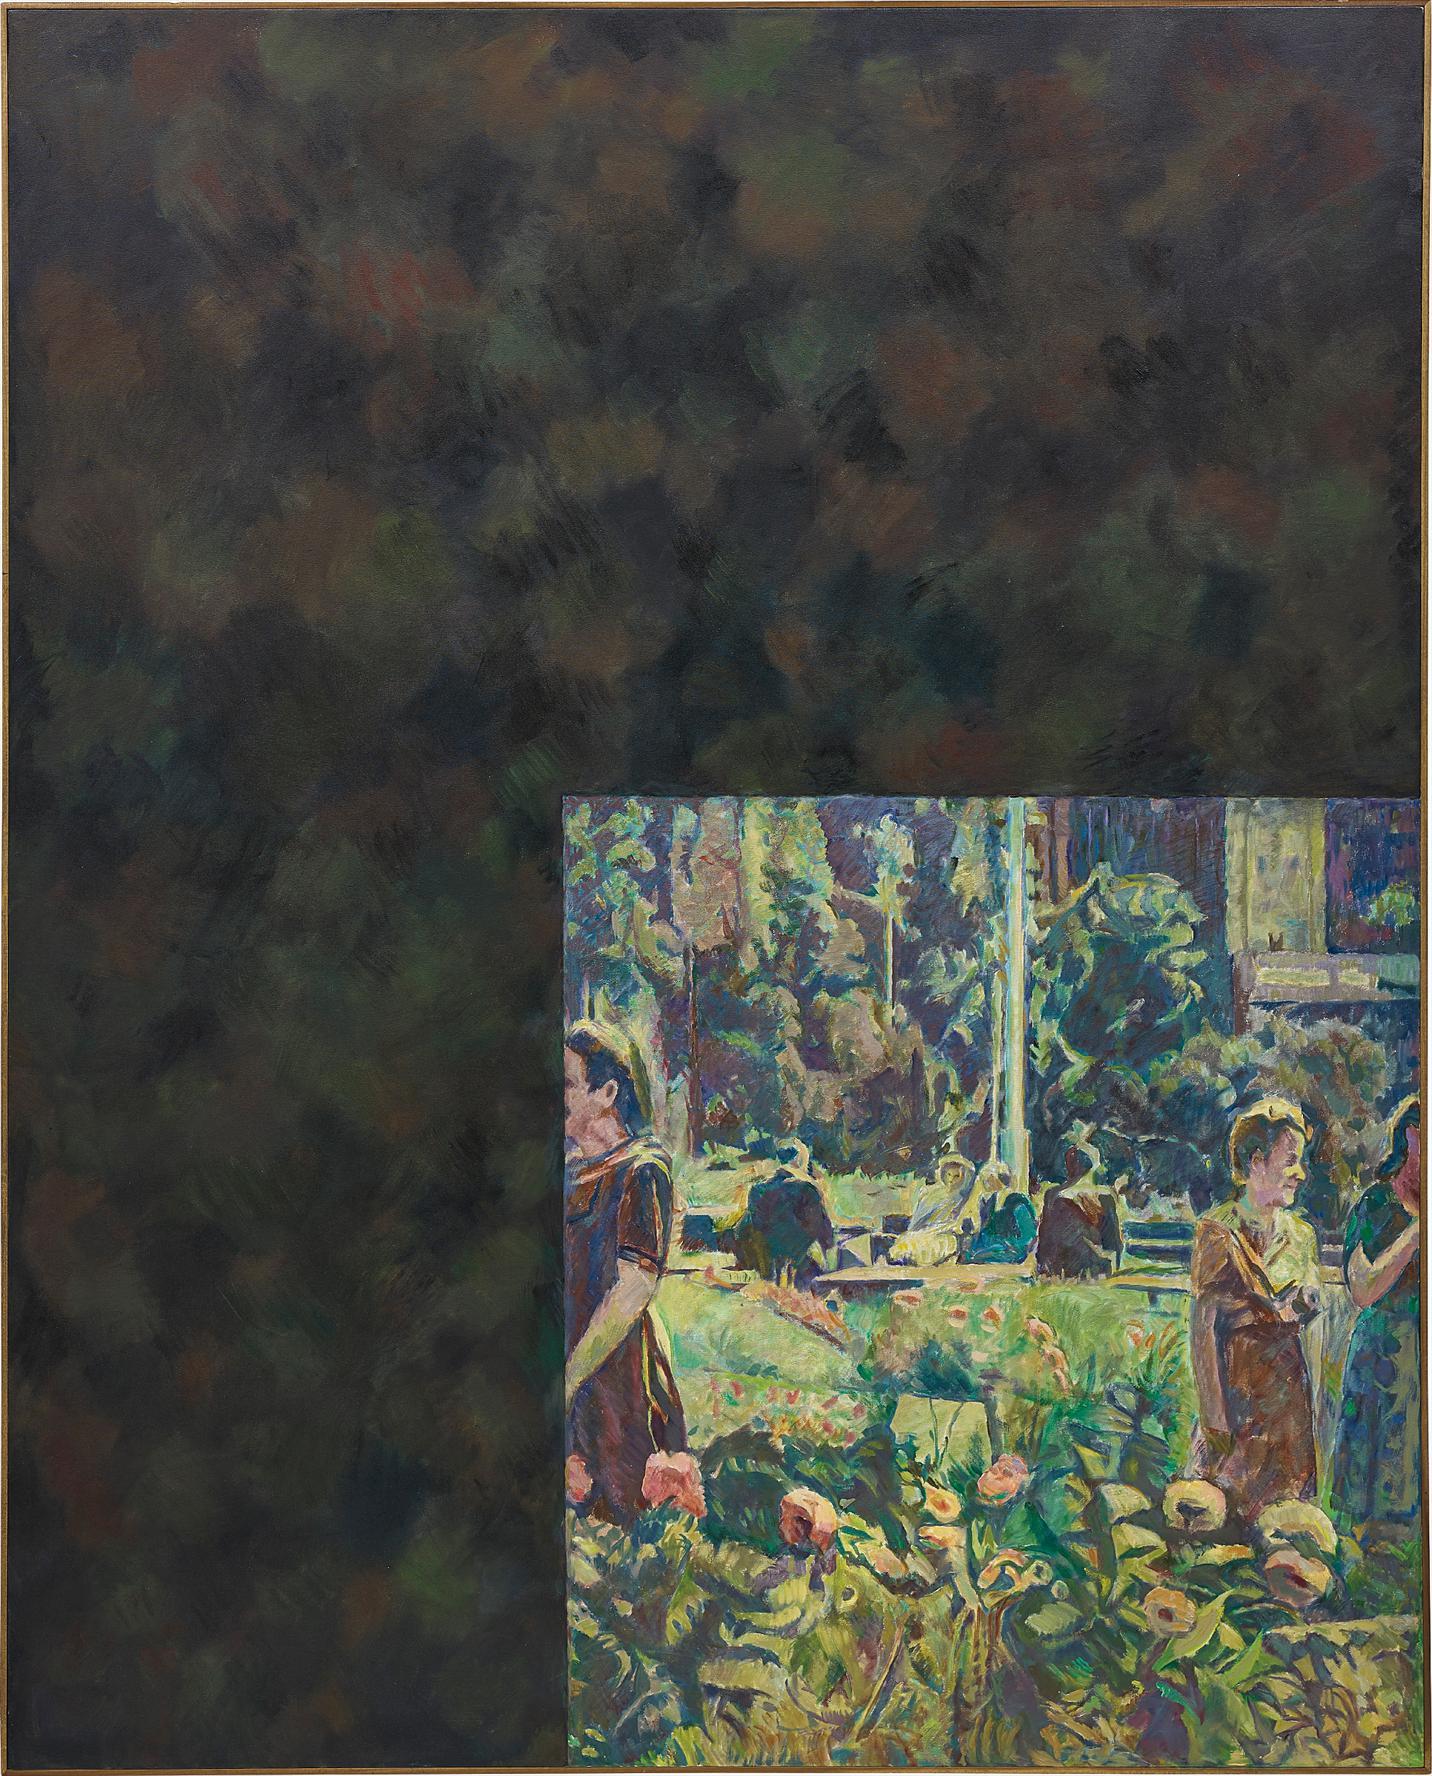 Ilya Kabakov-In The Park 1972-2002